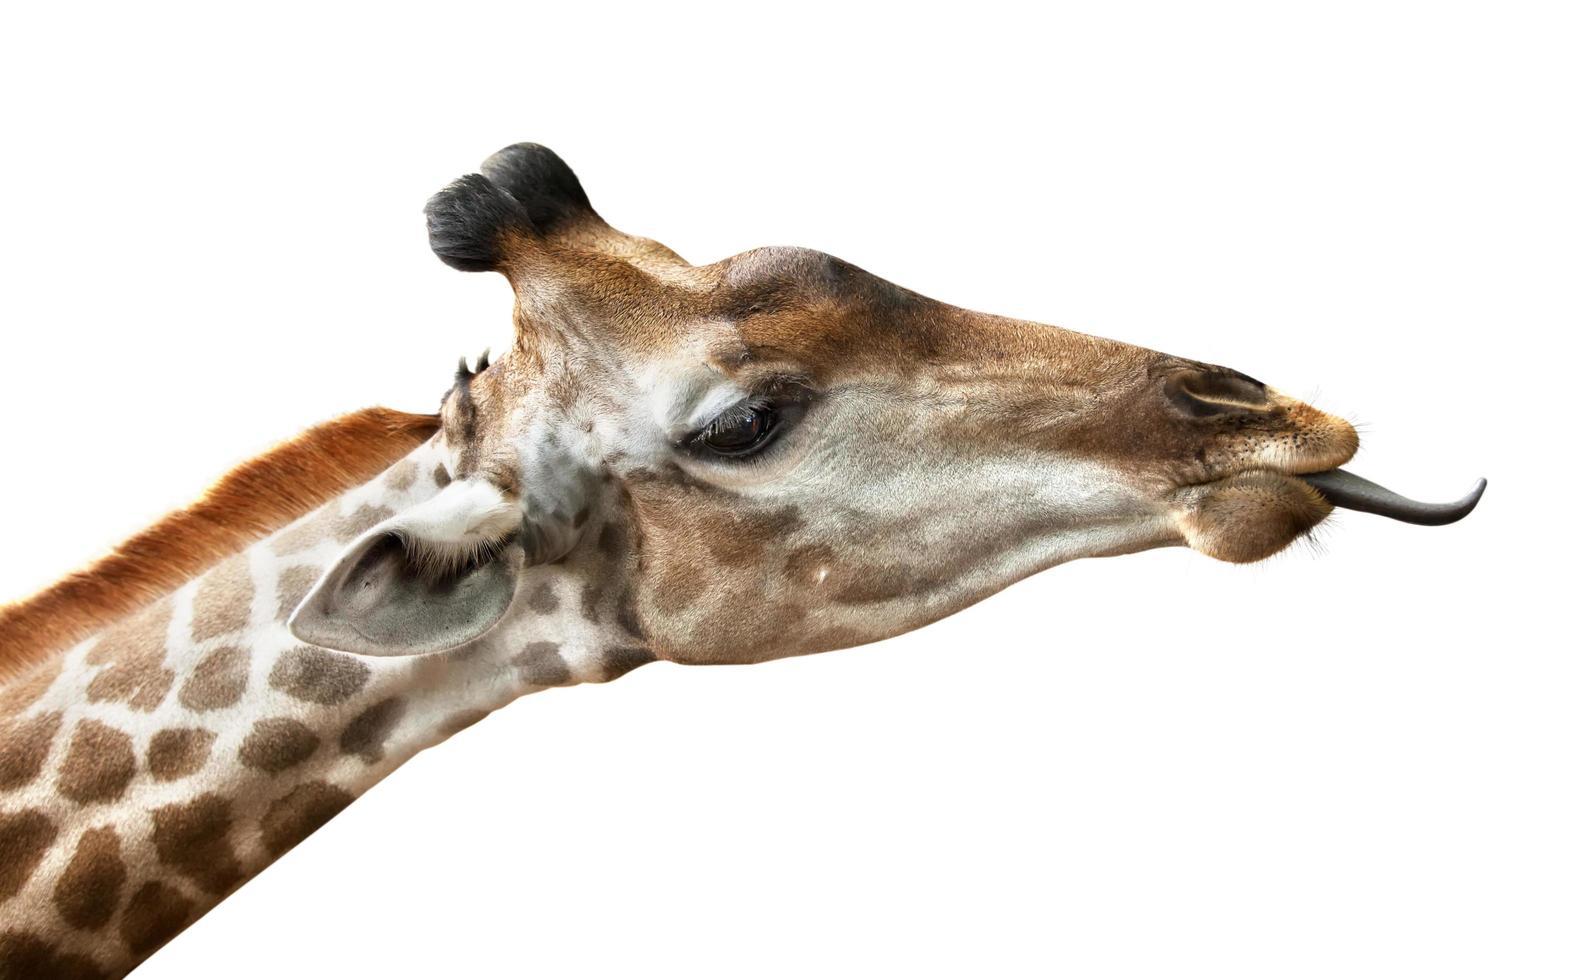 Giraffe auf weißem Hintergrund foto